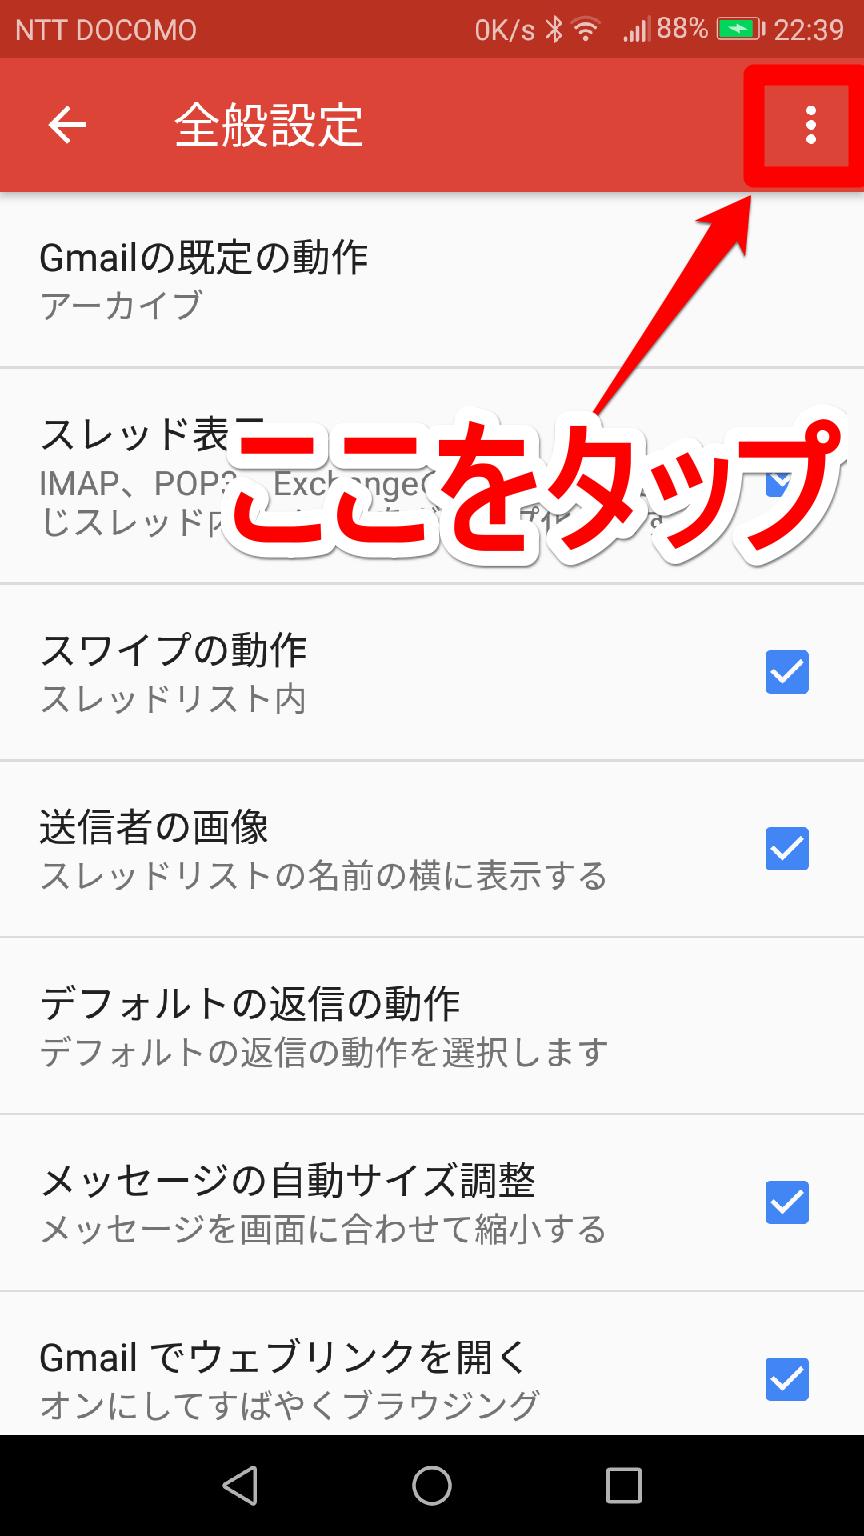 Android(アンドロイド)版Gmail(ジーメール)アプリの[全般設定]画面